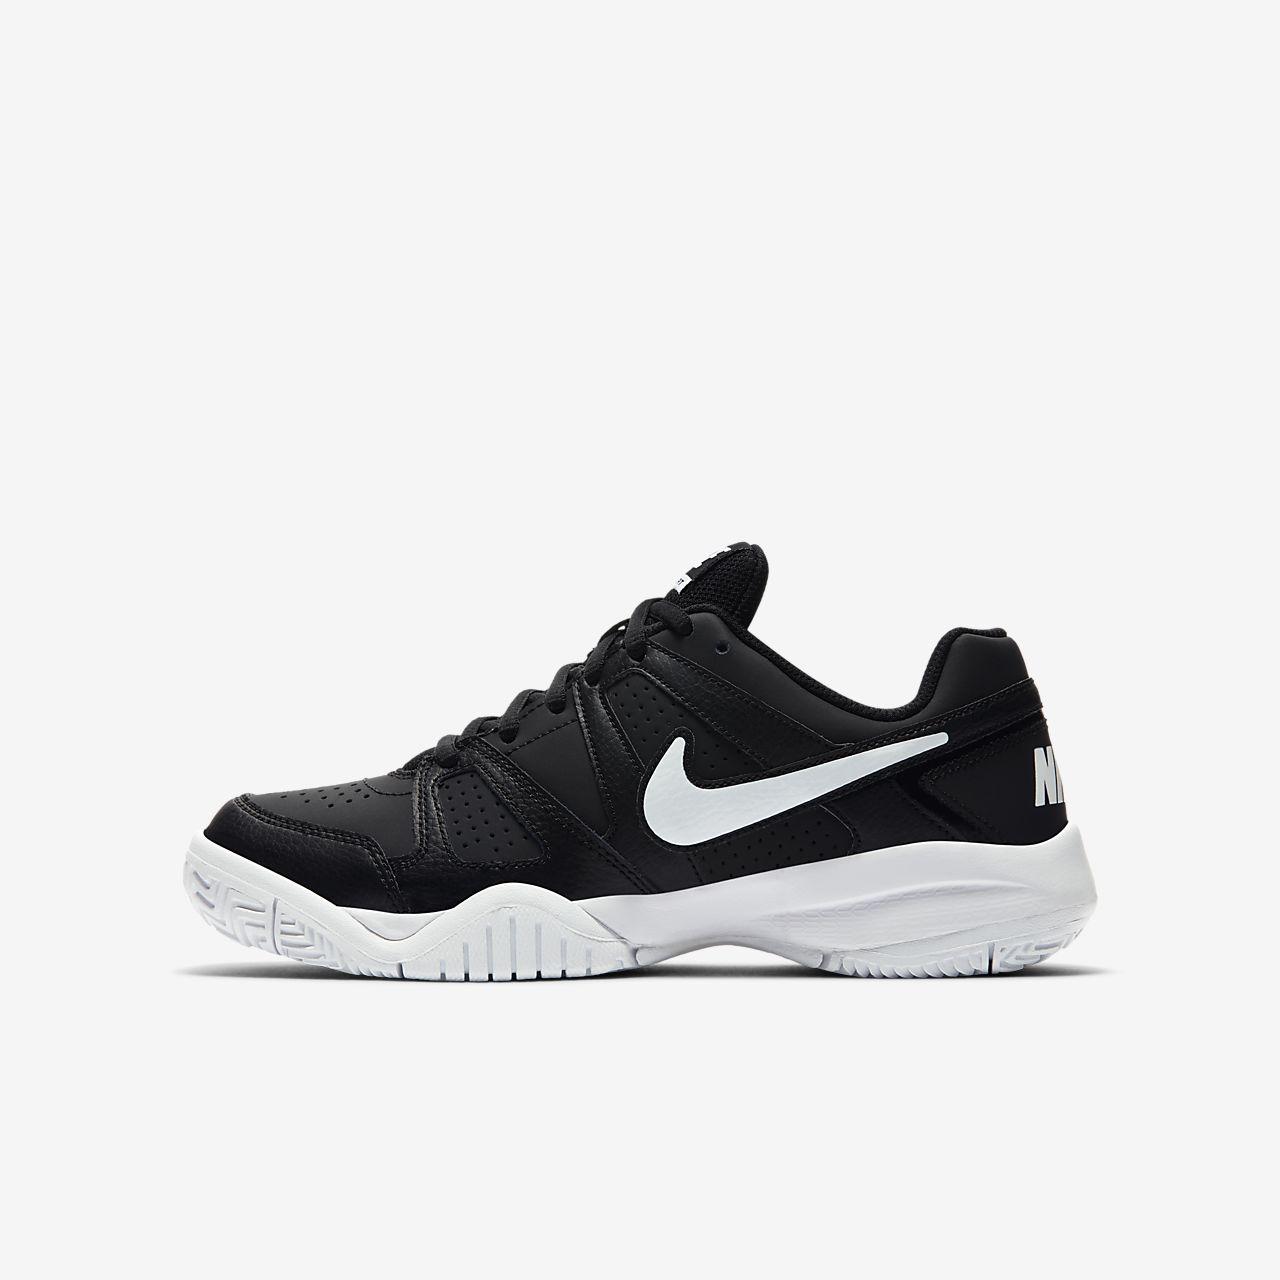 ... Chaussure de tennis NikeCourt City Court 7 pour Enfant plus âgé